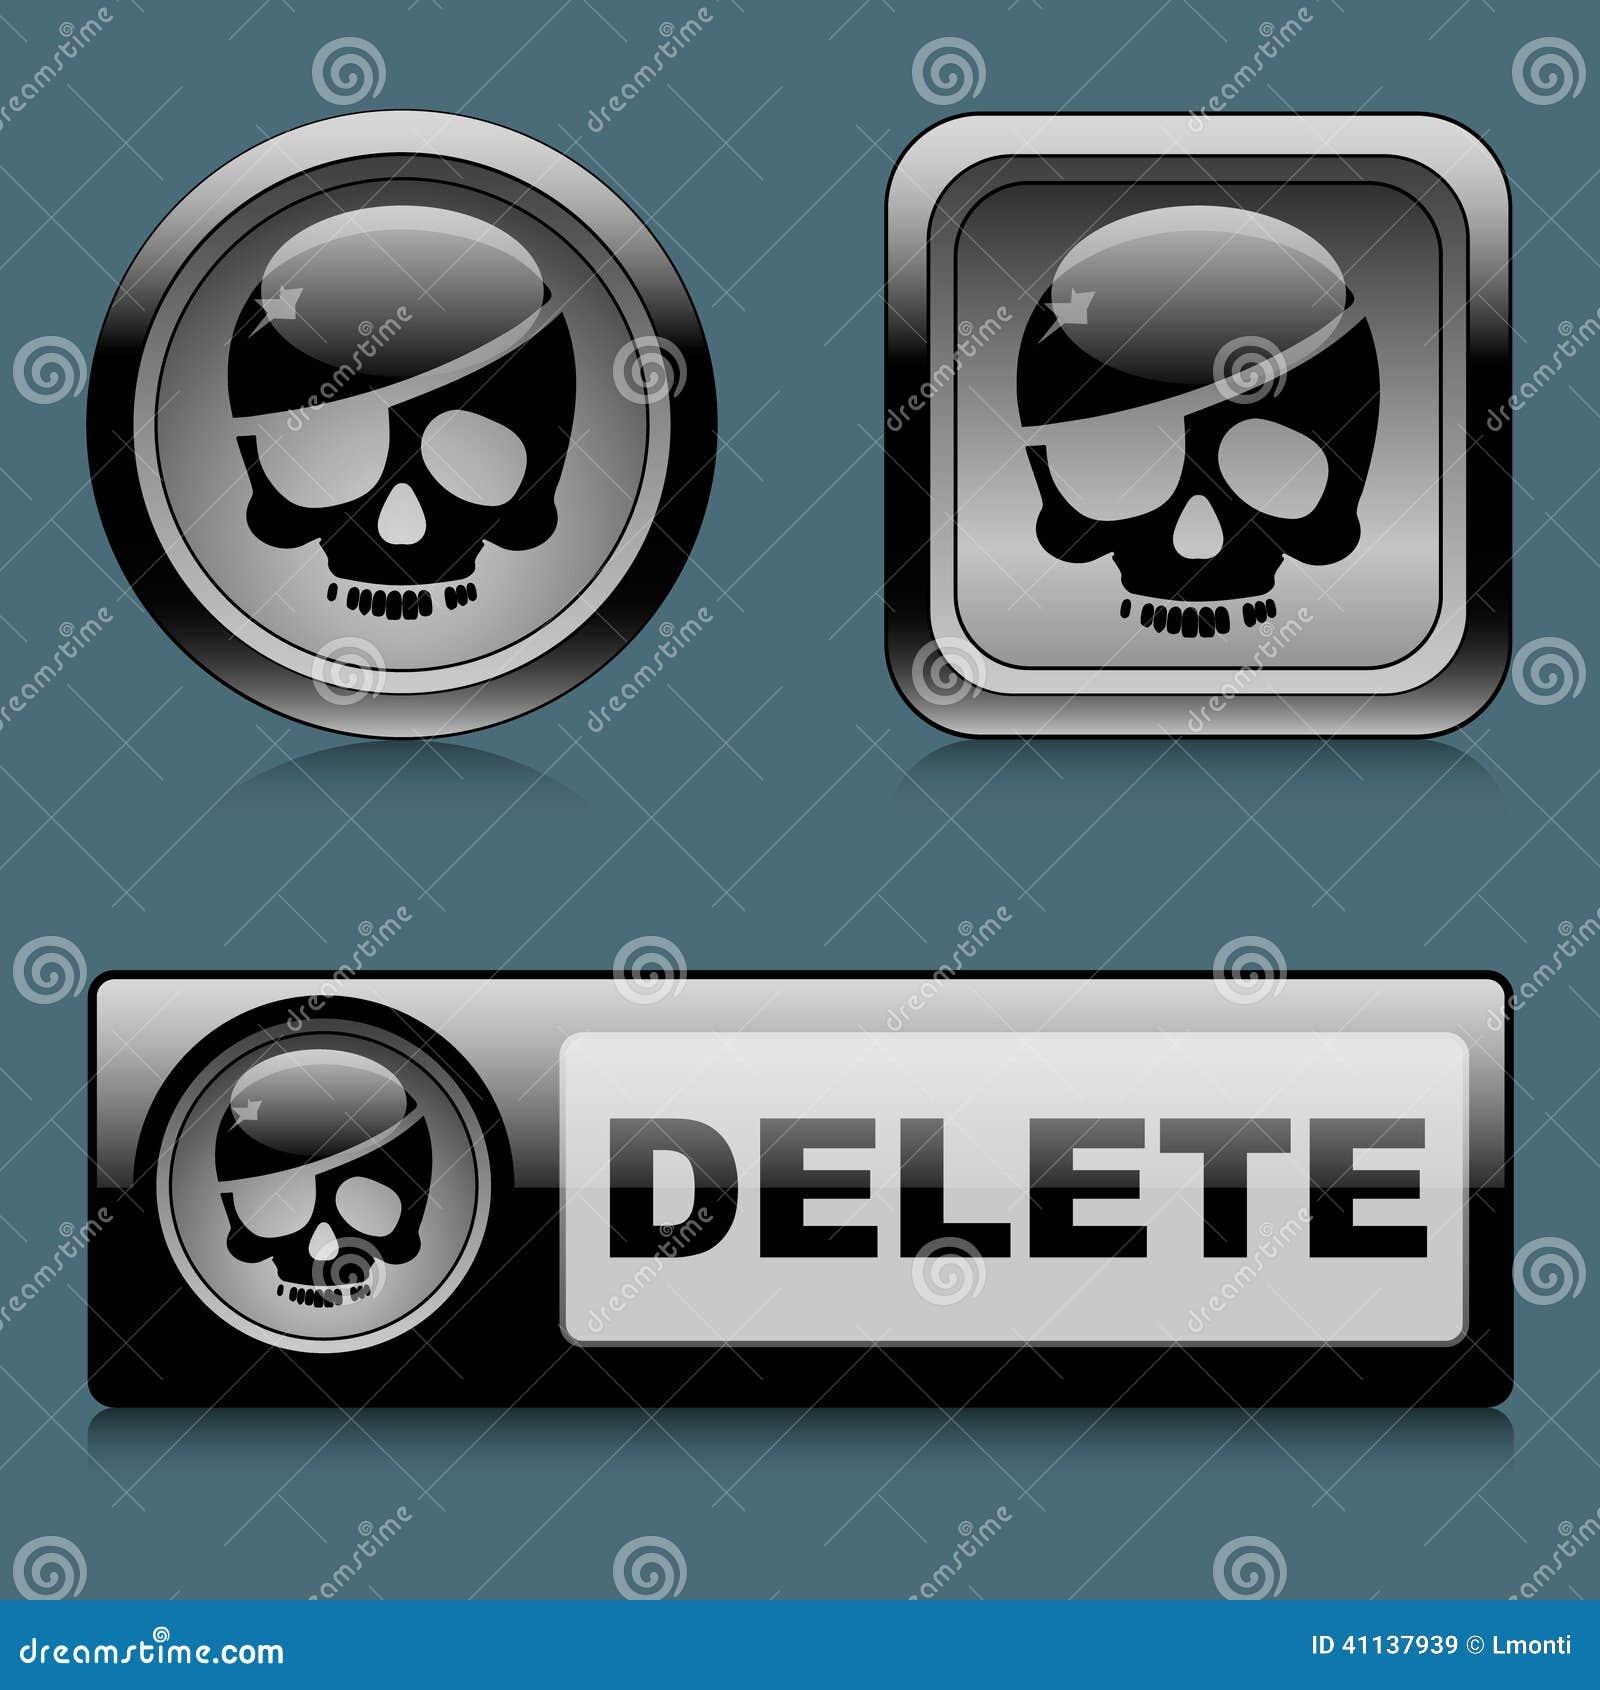 Set web buttons delete